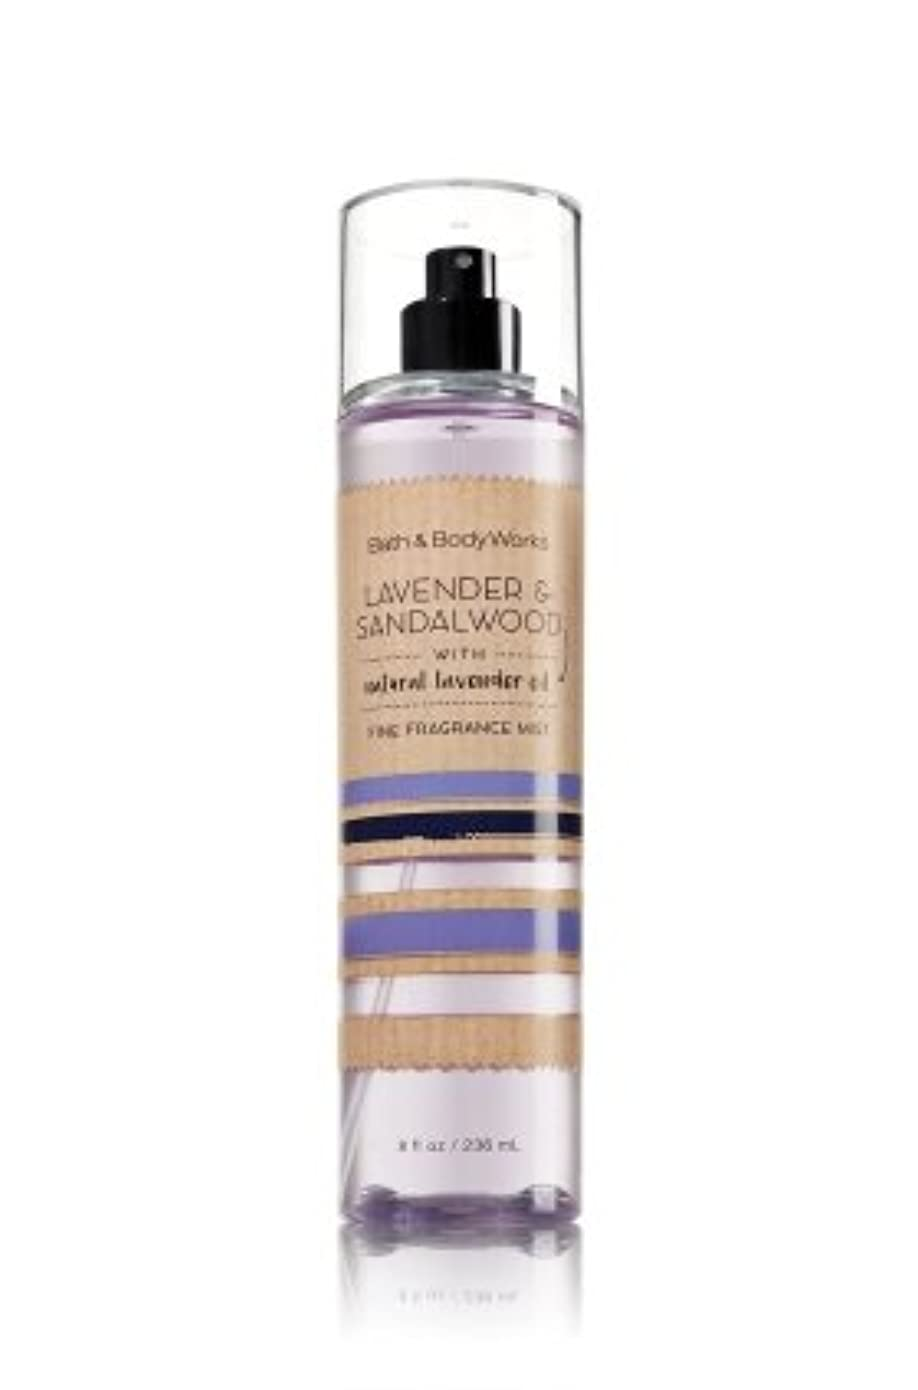 組み立てるケーブル誕生【Bath&Body Works/バス&ボディワークス】 ファインフレグランスミスト ラベンダー&サンダルウッド Fine Fragrance Mist Lavender & Sandalwood 8oz (236ml) [並行輸入品]